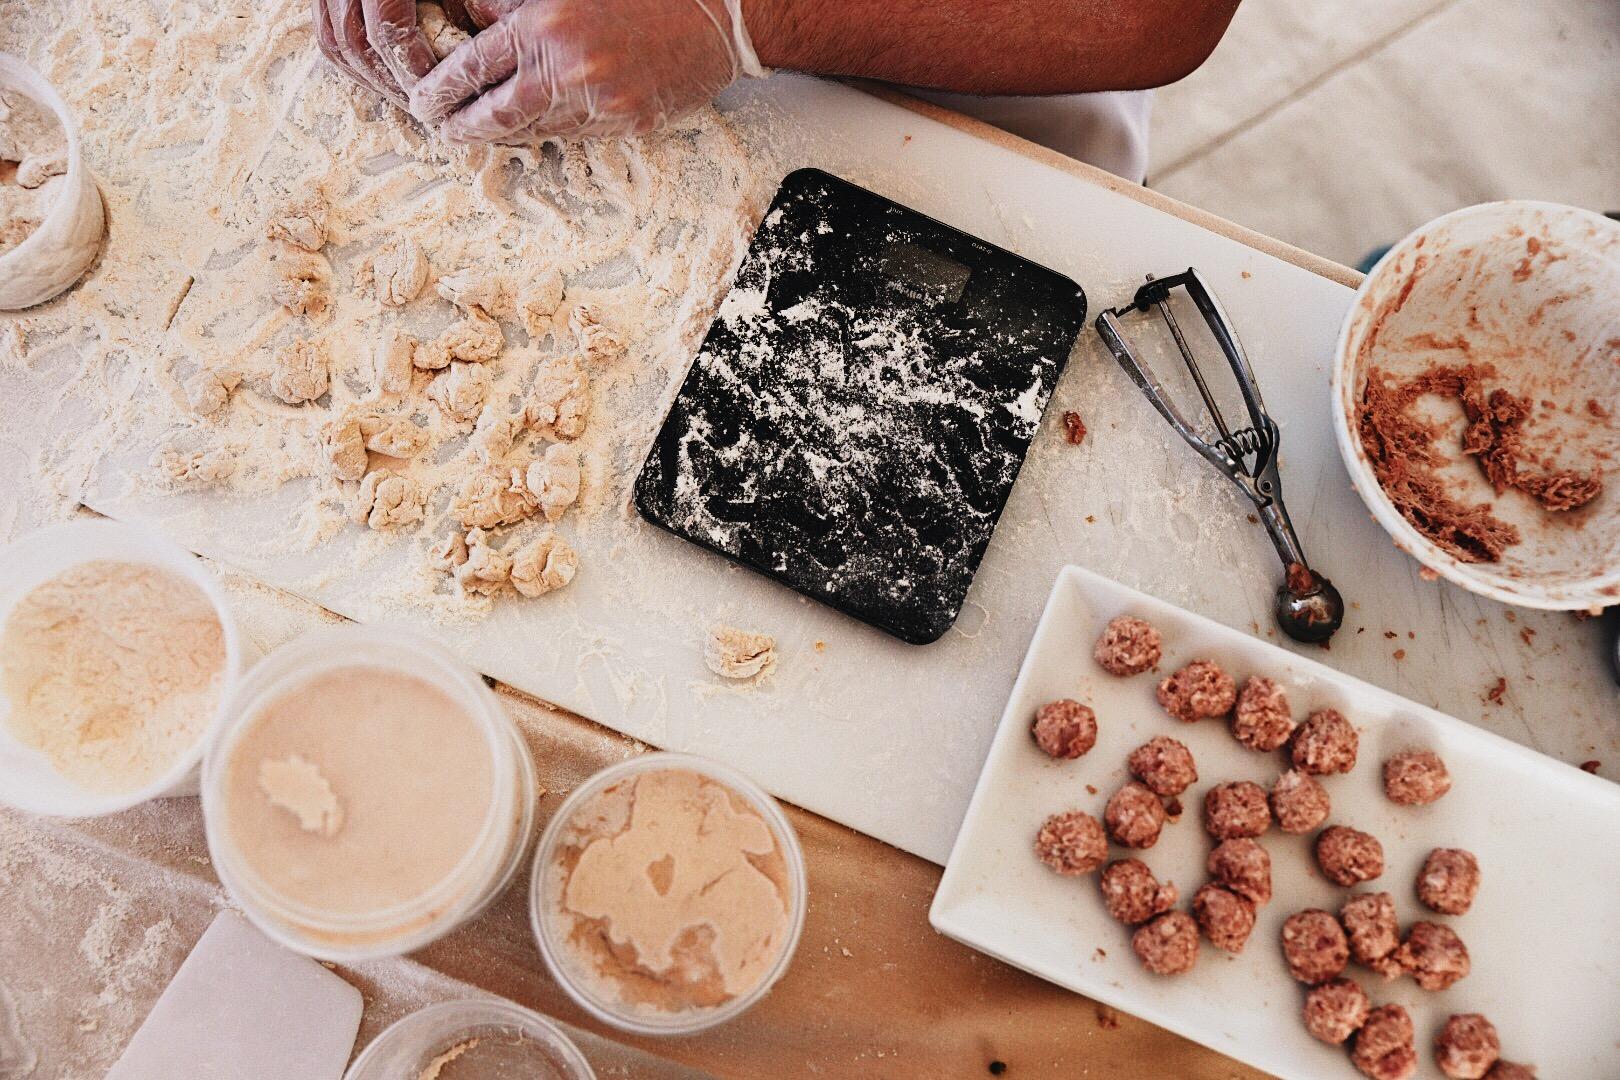 devour-culinary-classics_26730978898_o.jpg